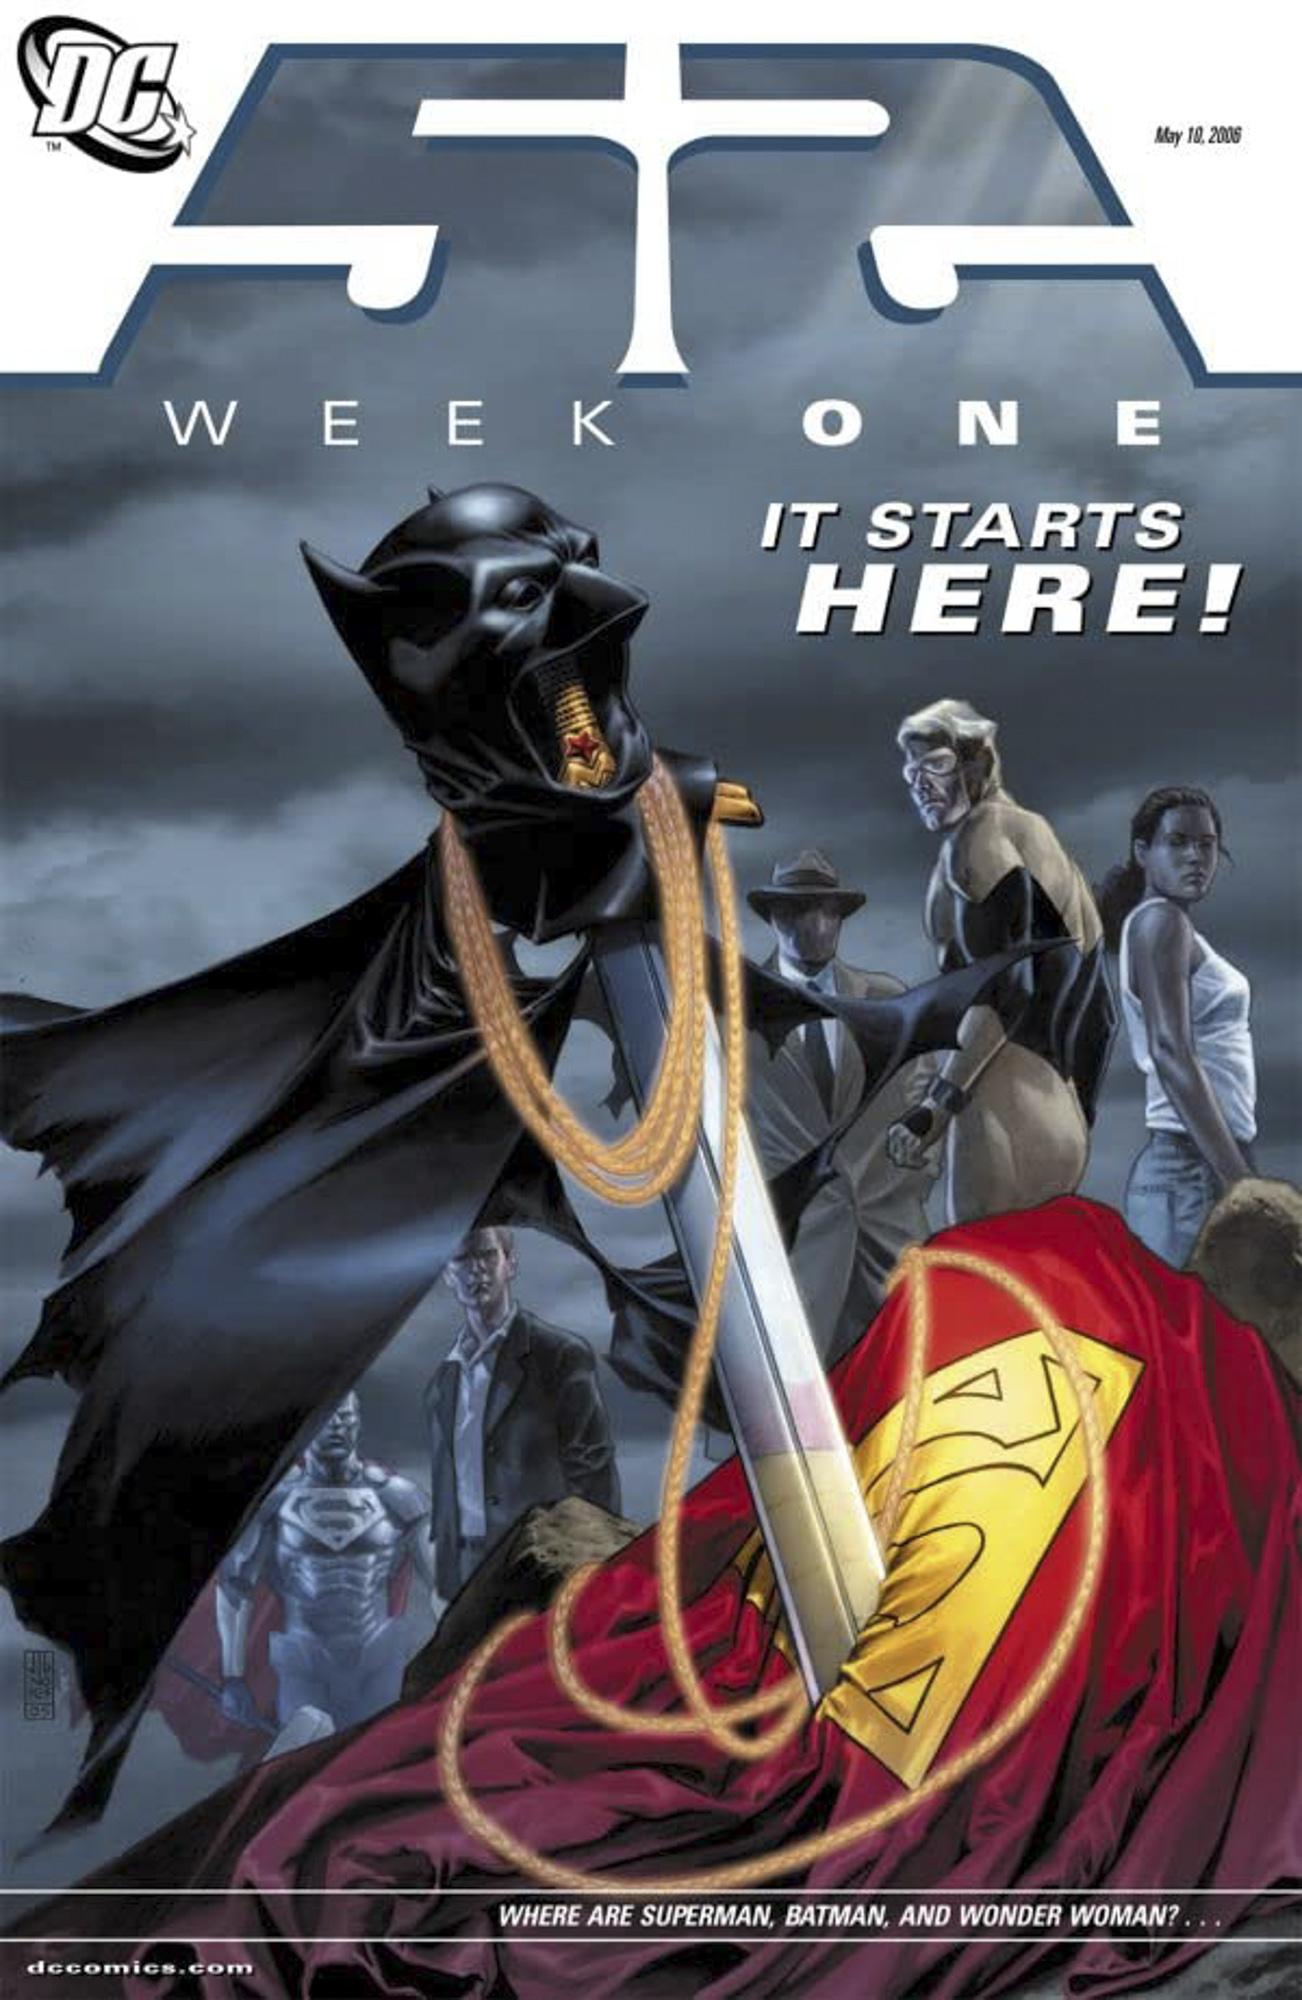 March Comics